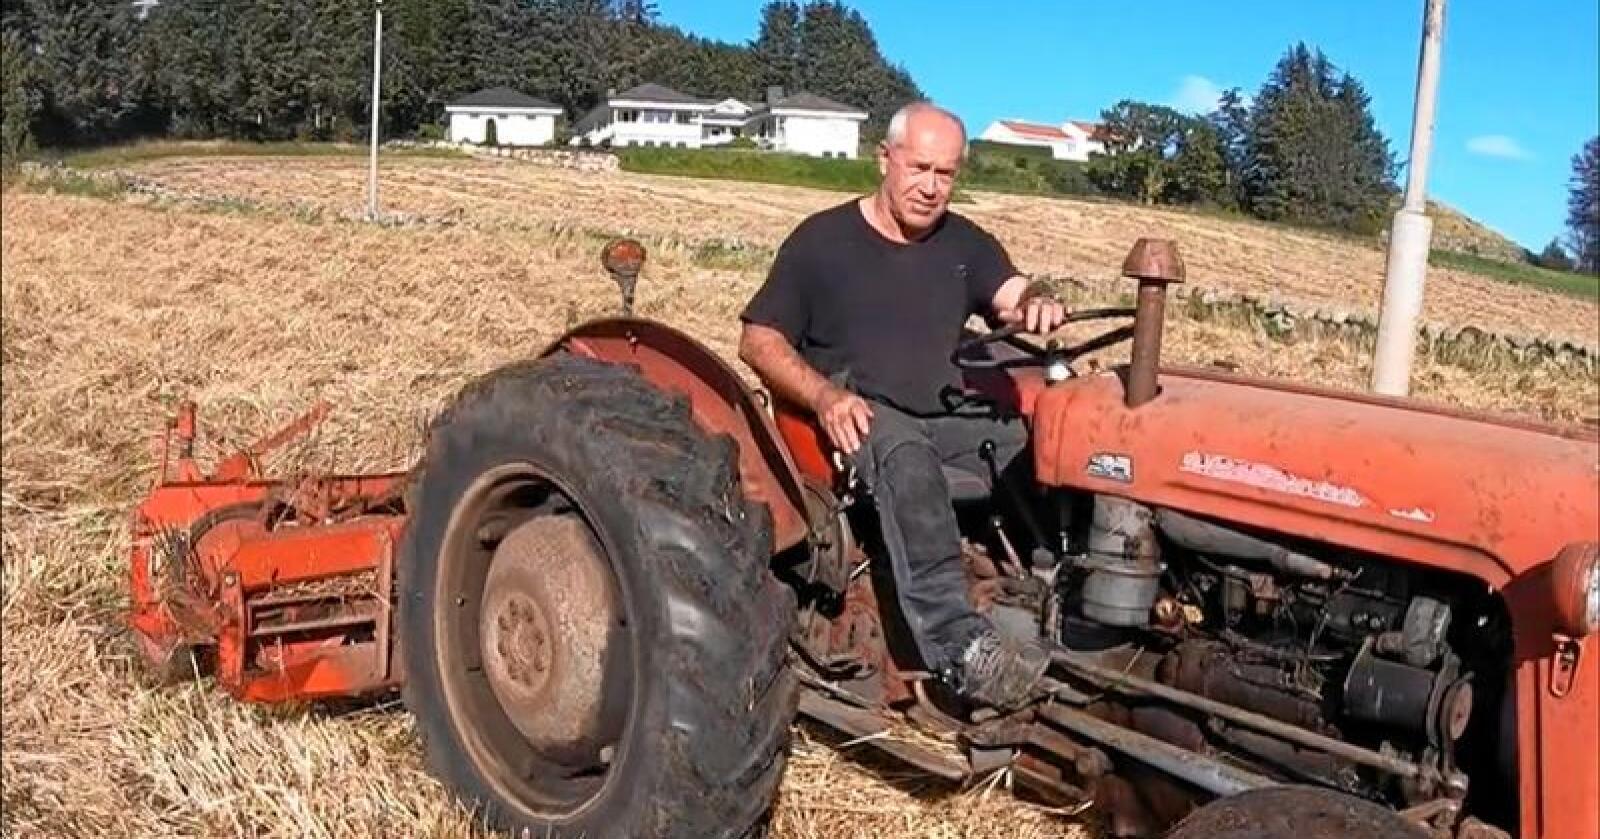 Kvotekutt: Jarle Skei frå Sandnes er blant mjølkebøndene som rasar mot forslaget frå Bondelaget om å kutte i grunnkvoten. Det meiner han bryt både mot eigedomsretten og jordbruksavtalen som blei inngått i vår. Foto: Arvid Gimre